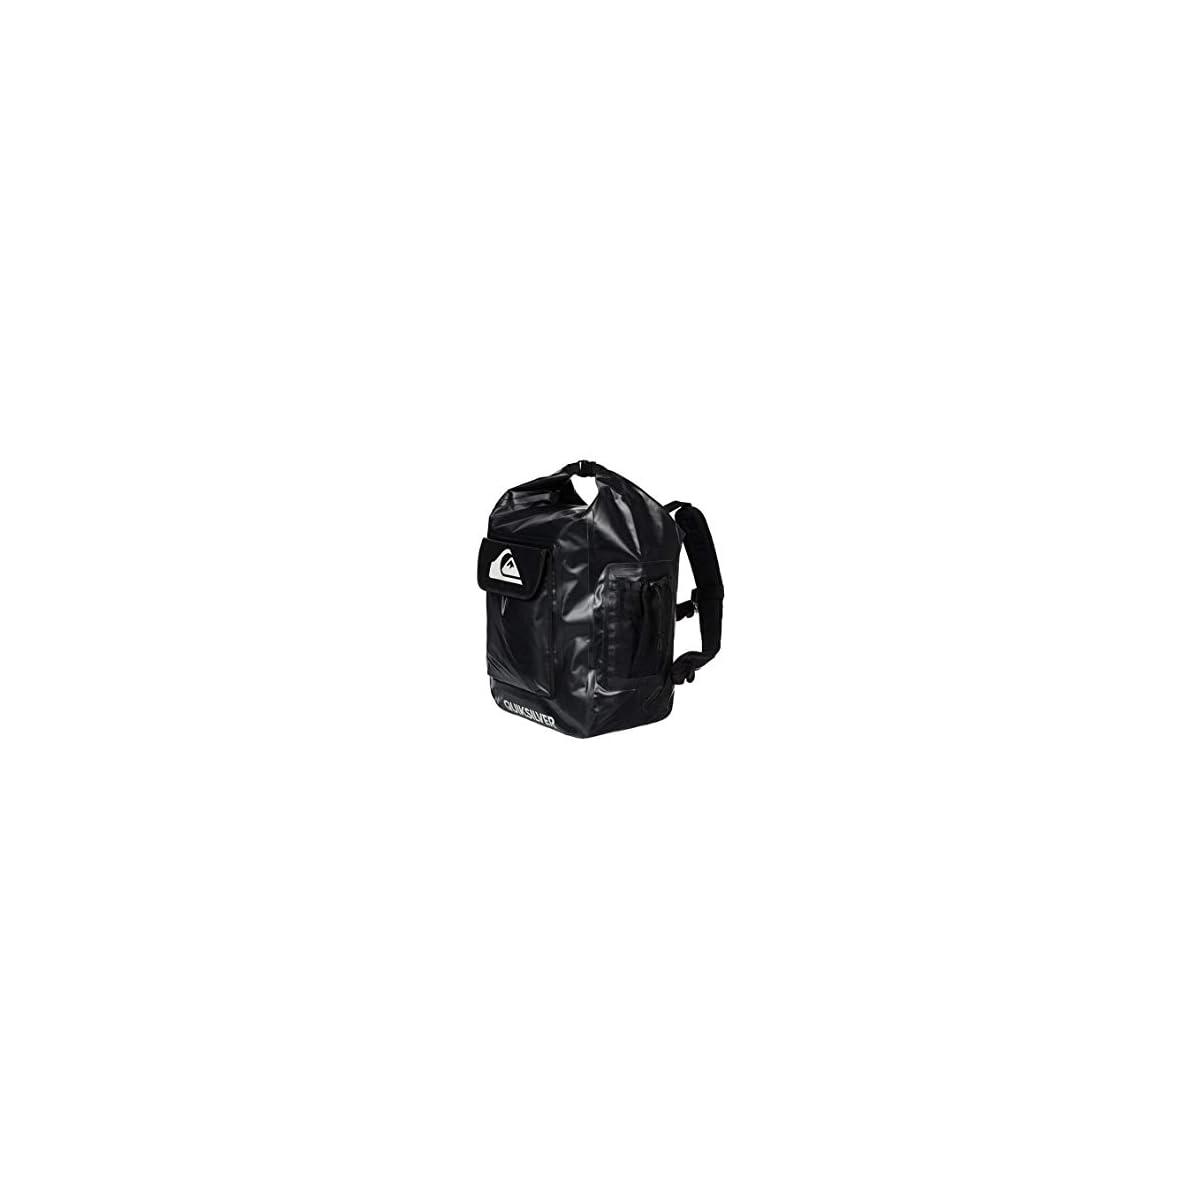 31CC4V4av0L. SS1200  - Quiksilver Deluxe, Mochila Mochila para Mochila en Dry 32L Negro - Impermeabilizante a Prueba de Agua